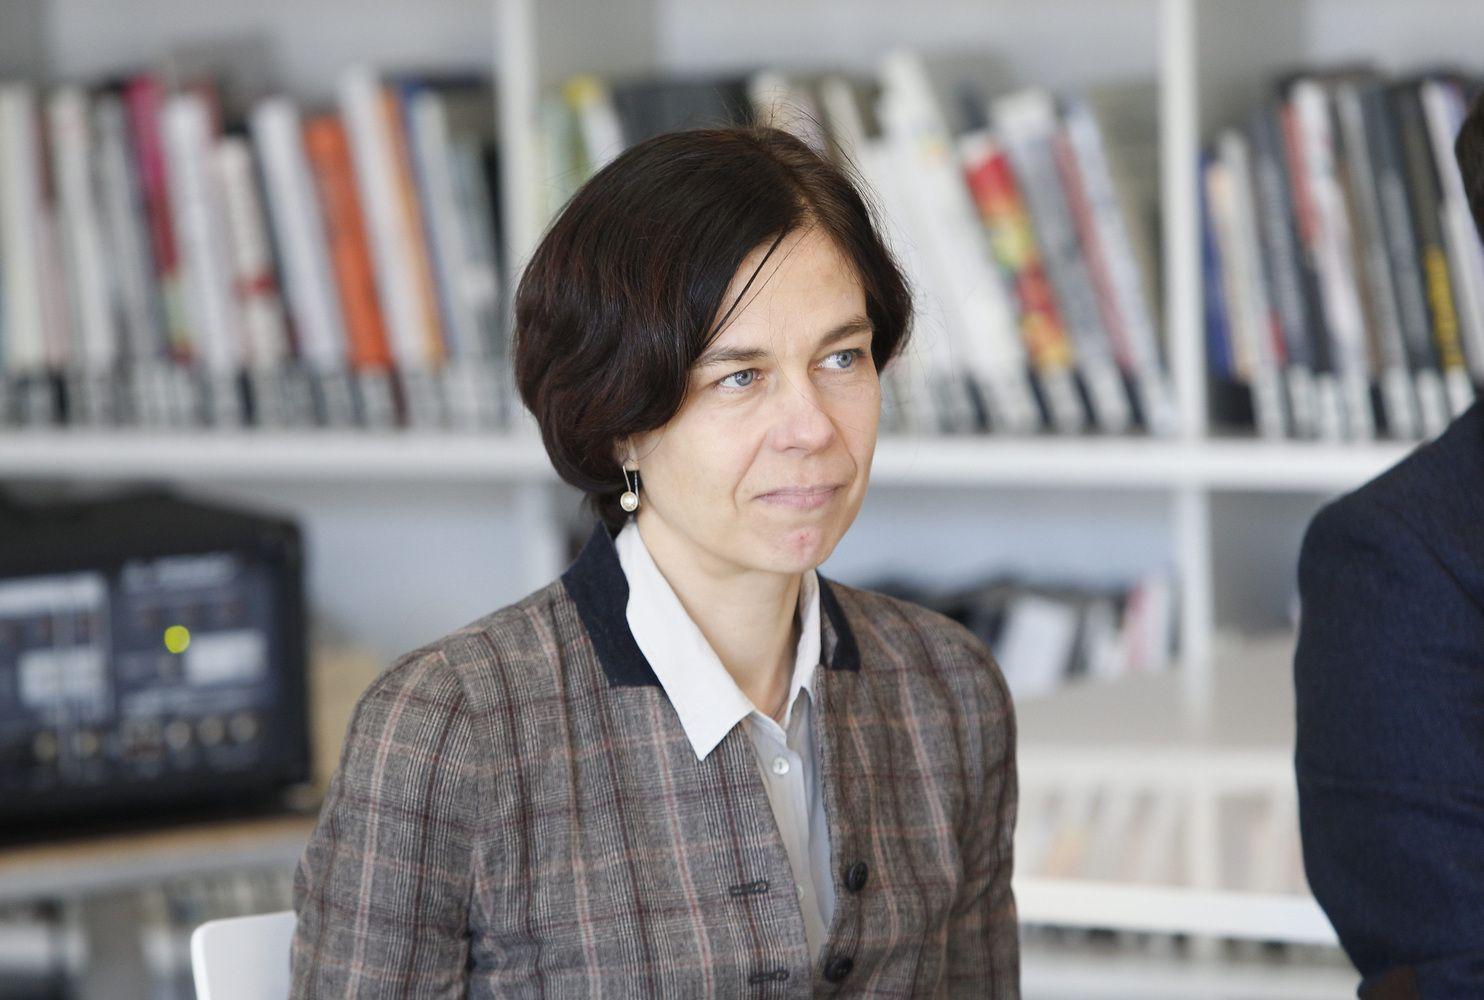 Putinaitė apie universitetų reformą: balansuojame tarp galimybės ir burbulo